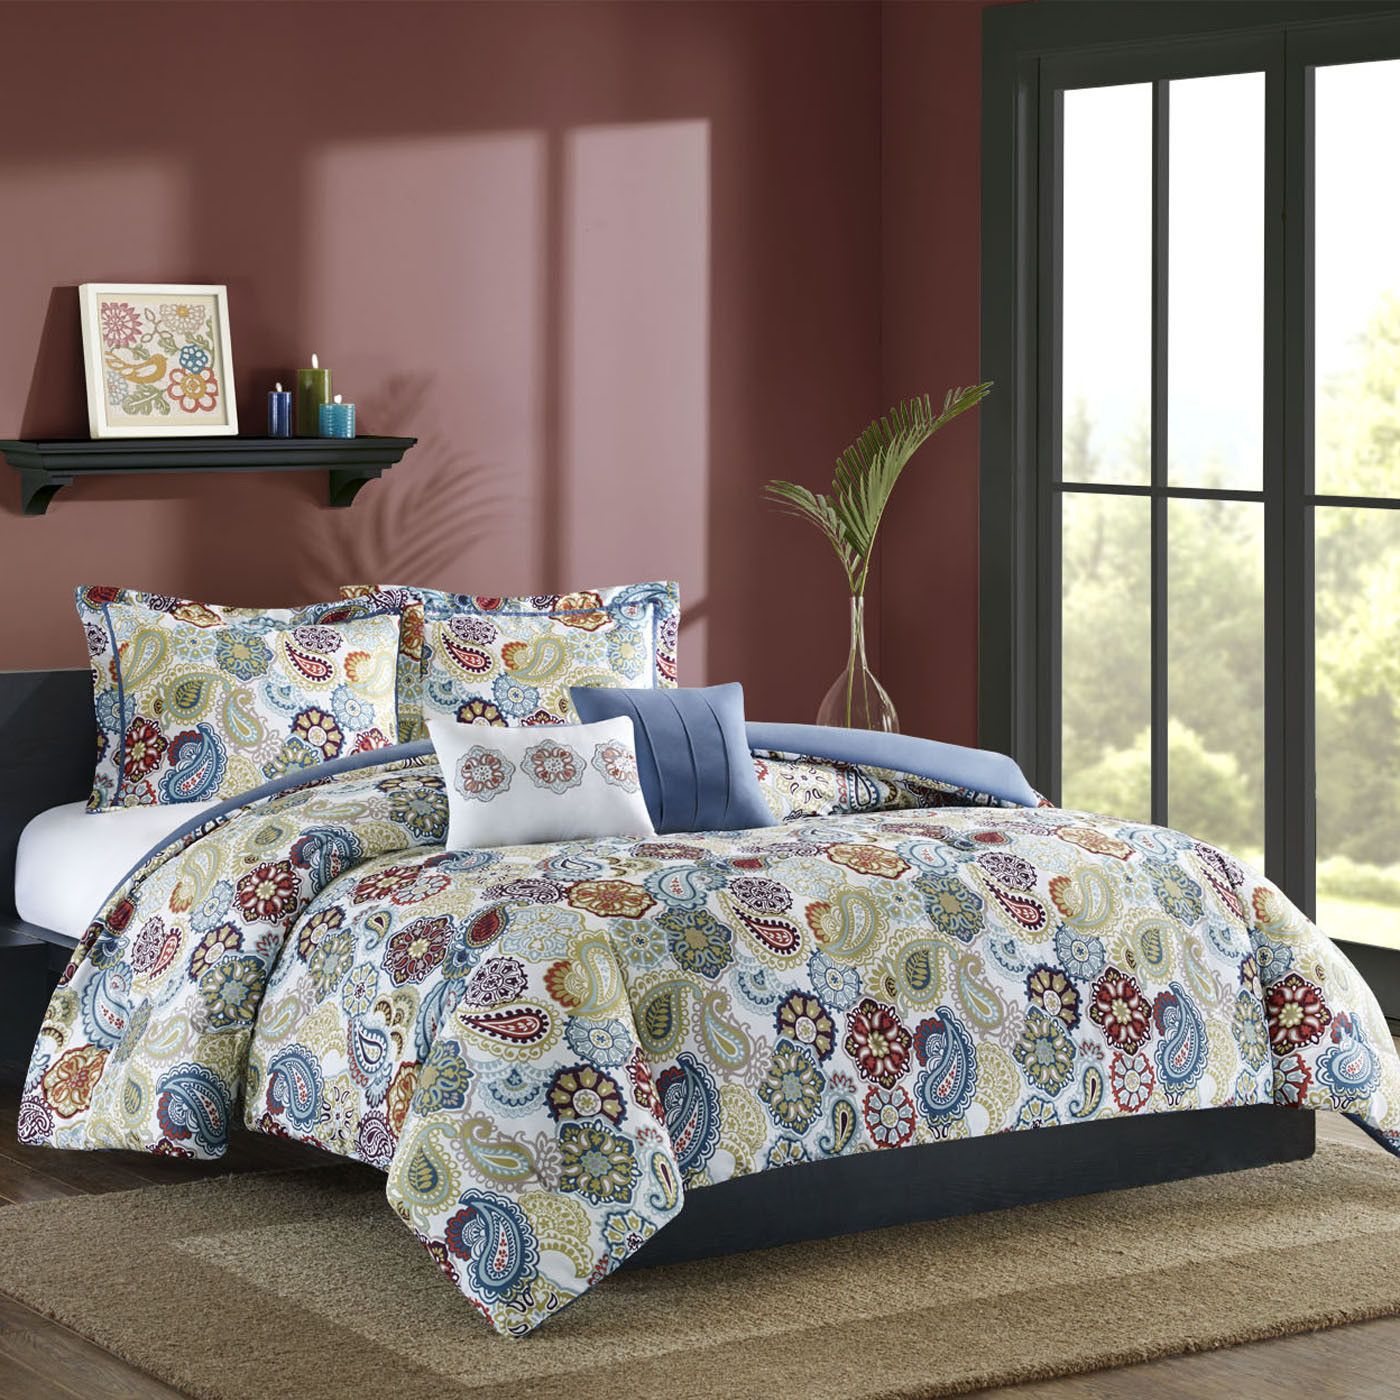 Studio A Taylor Full Queen 5 Piece Mini Comforter Set | Shopko.com